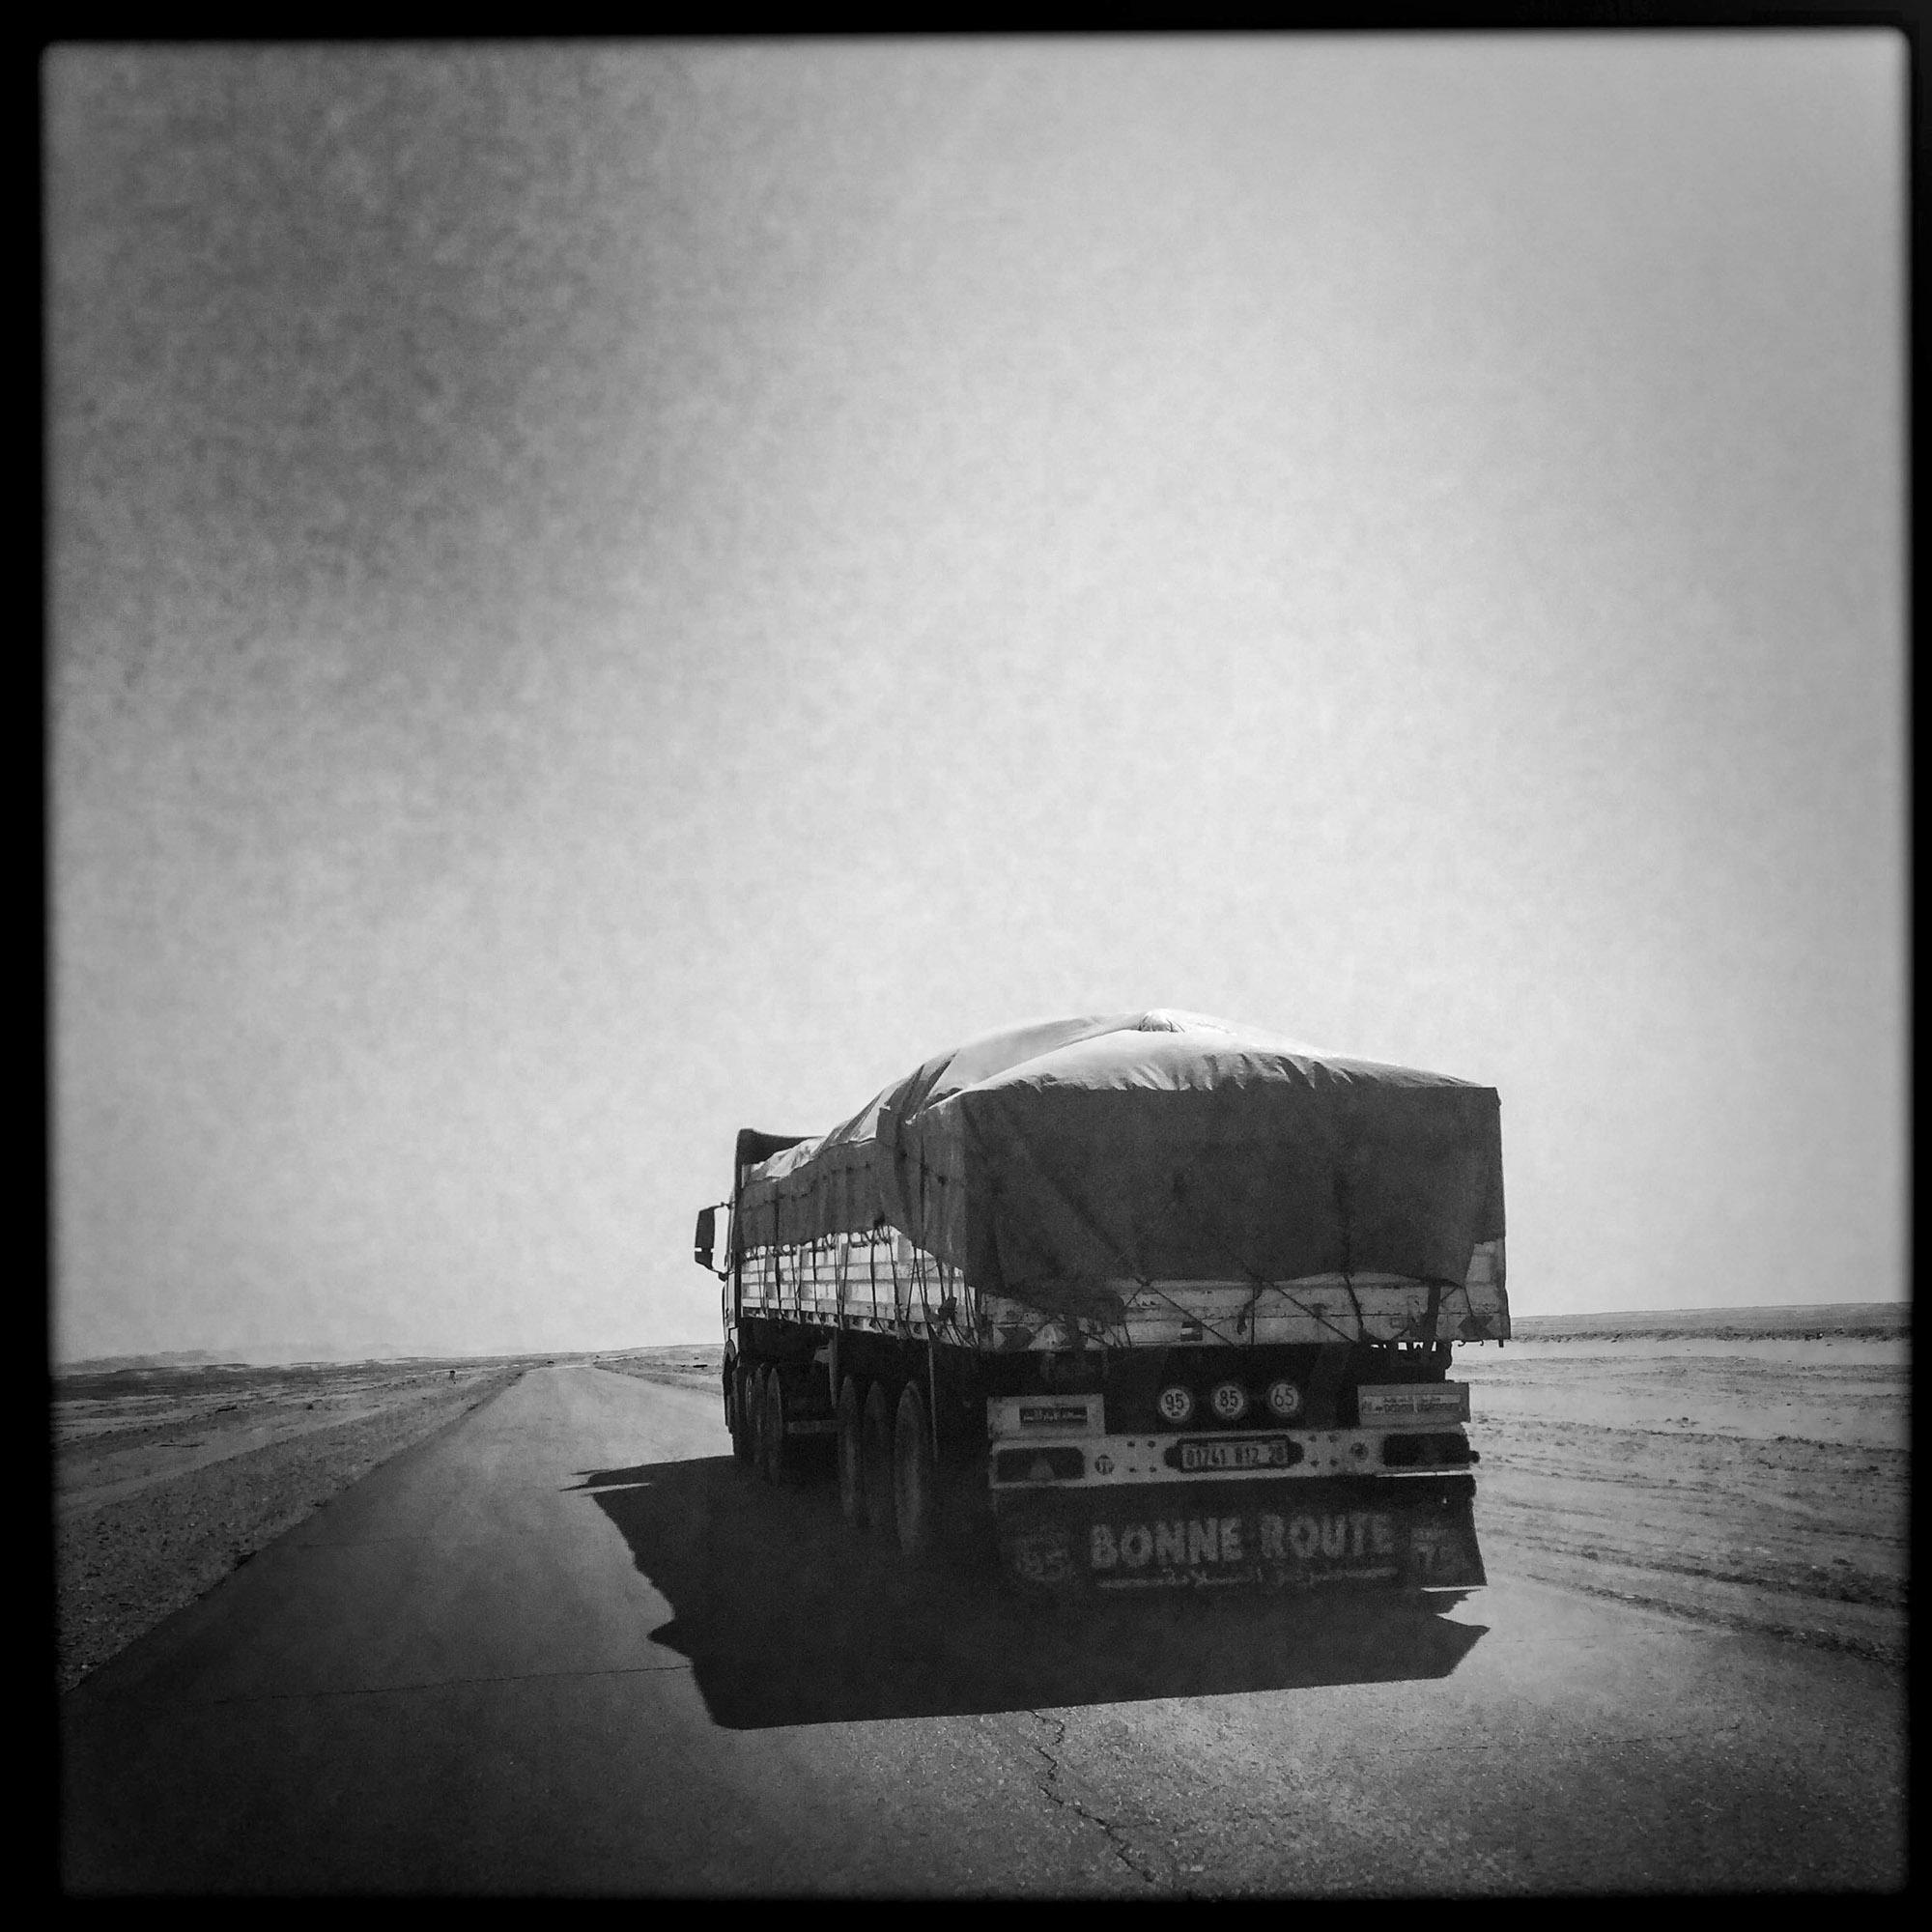 1330 kilometers separate the city of Ghardaia and Tamanrasset, this Trans-Saharan long national 1 2335 kilometers connecting Algiers and the Niger. Algeria-February 6, 2016.Environ 1330 kilomètres séparent la ville de Ghardaïa dans le Mzab et Tamanrasset aux portes de l'Afrique Noire. Egalement appelée Transsaharienne, la nationale 1 longue de 2335km relie Alger au Niger. Algérie-6/02/2016.